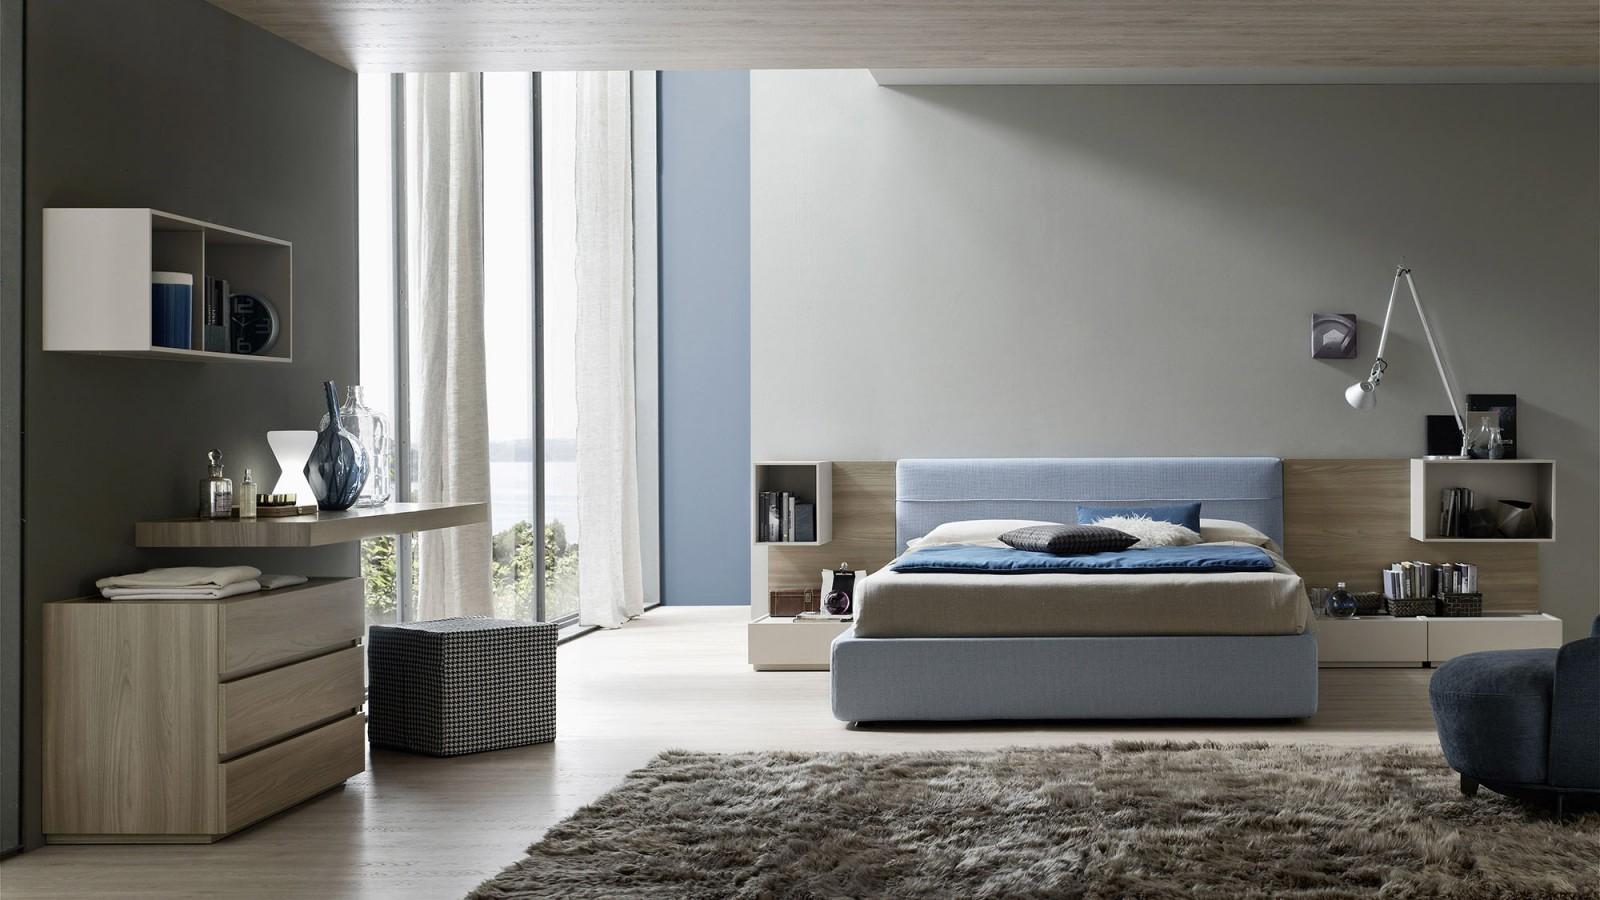 Letto infinito letti imbottiti programma notte orme for Ikea programma per arredare